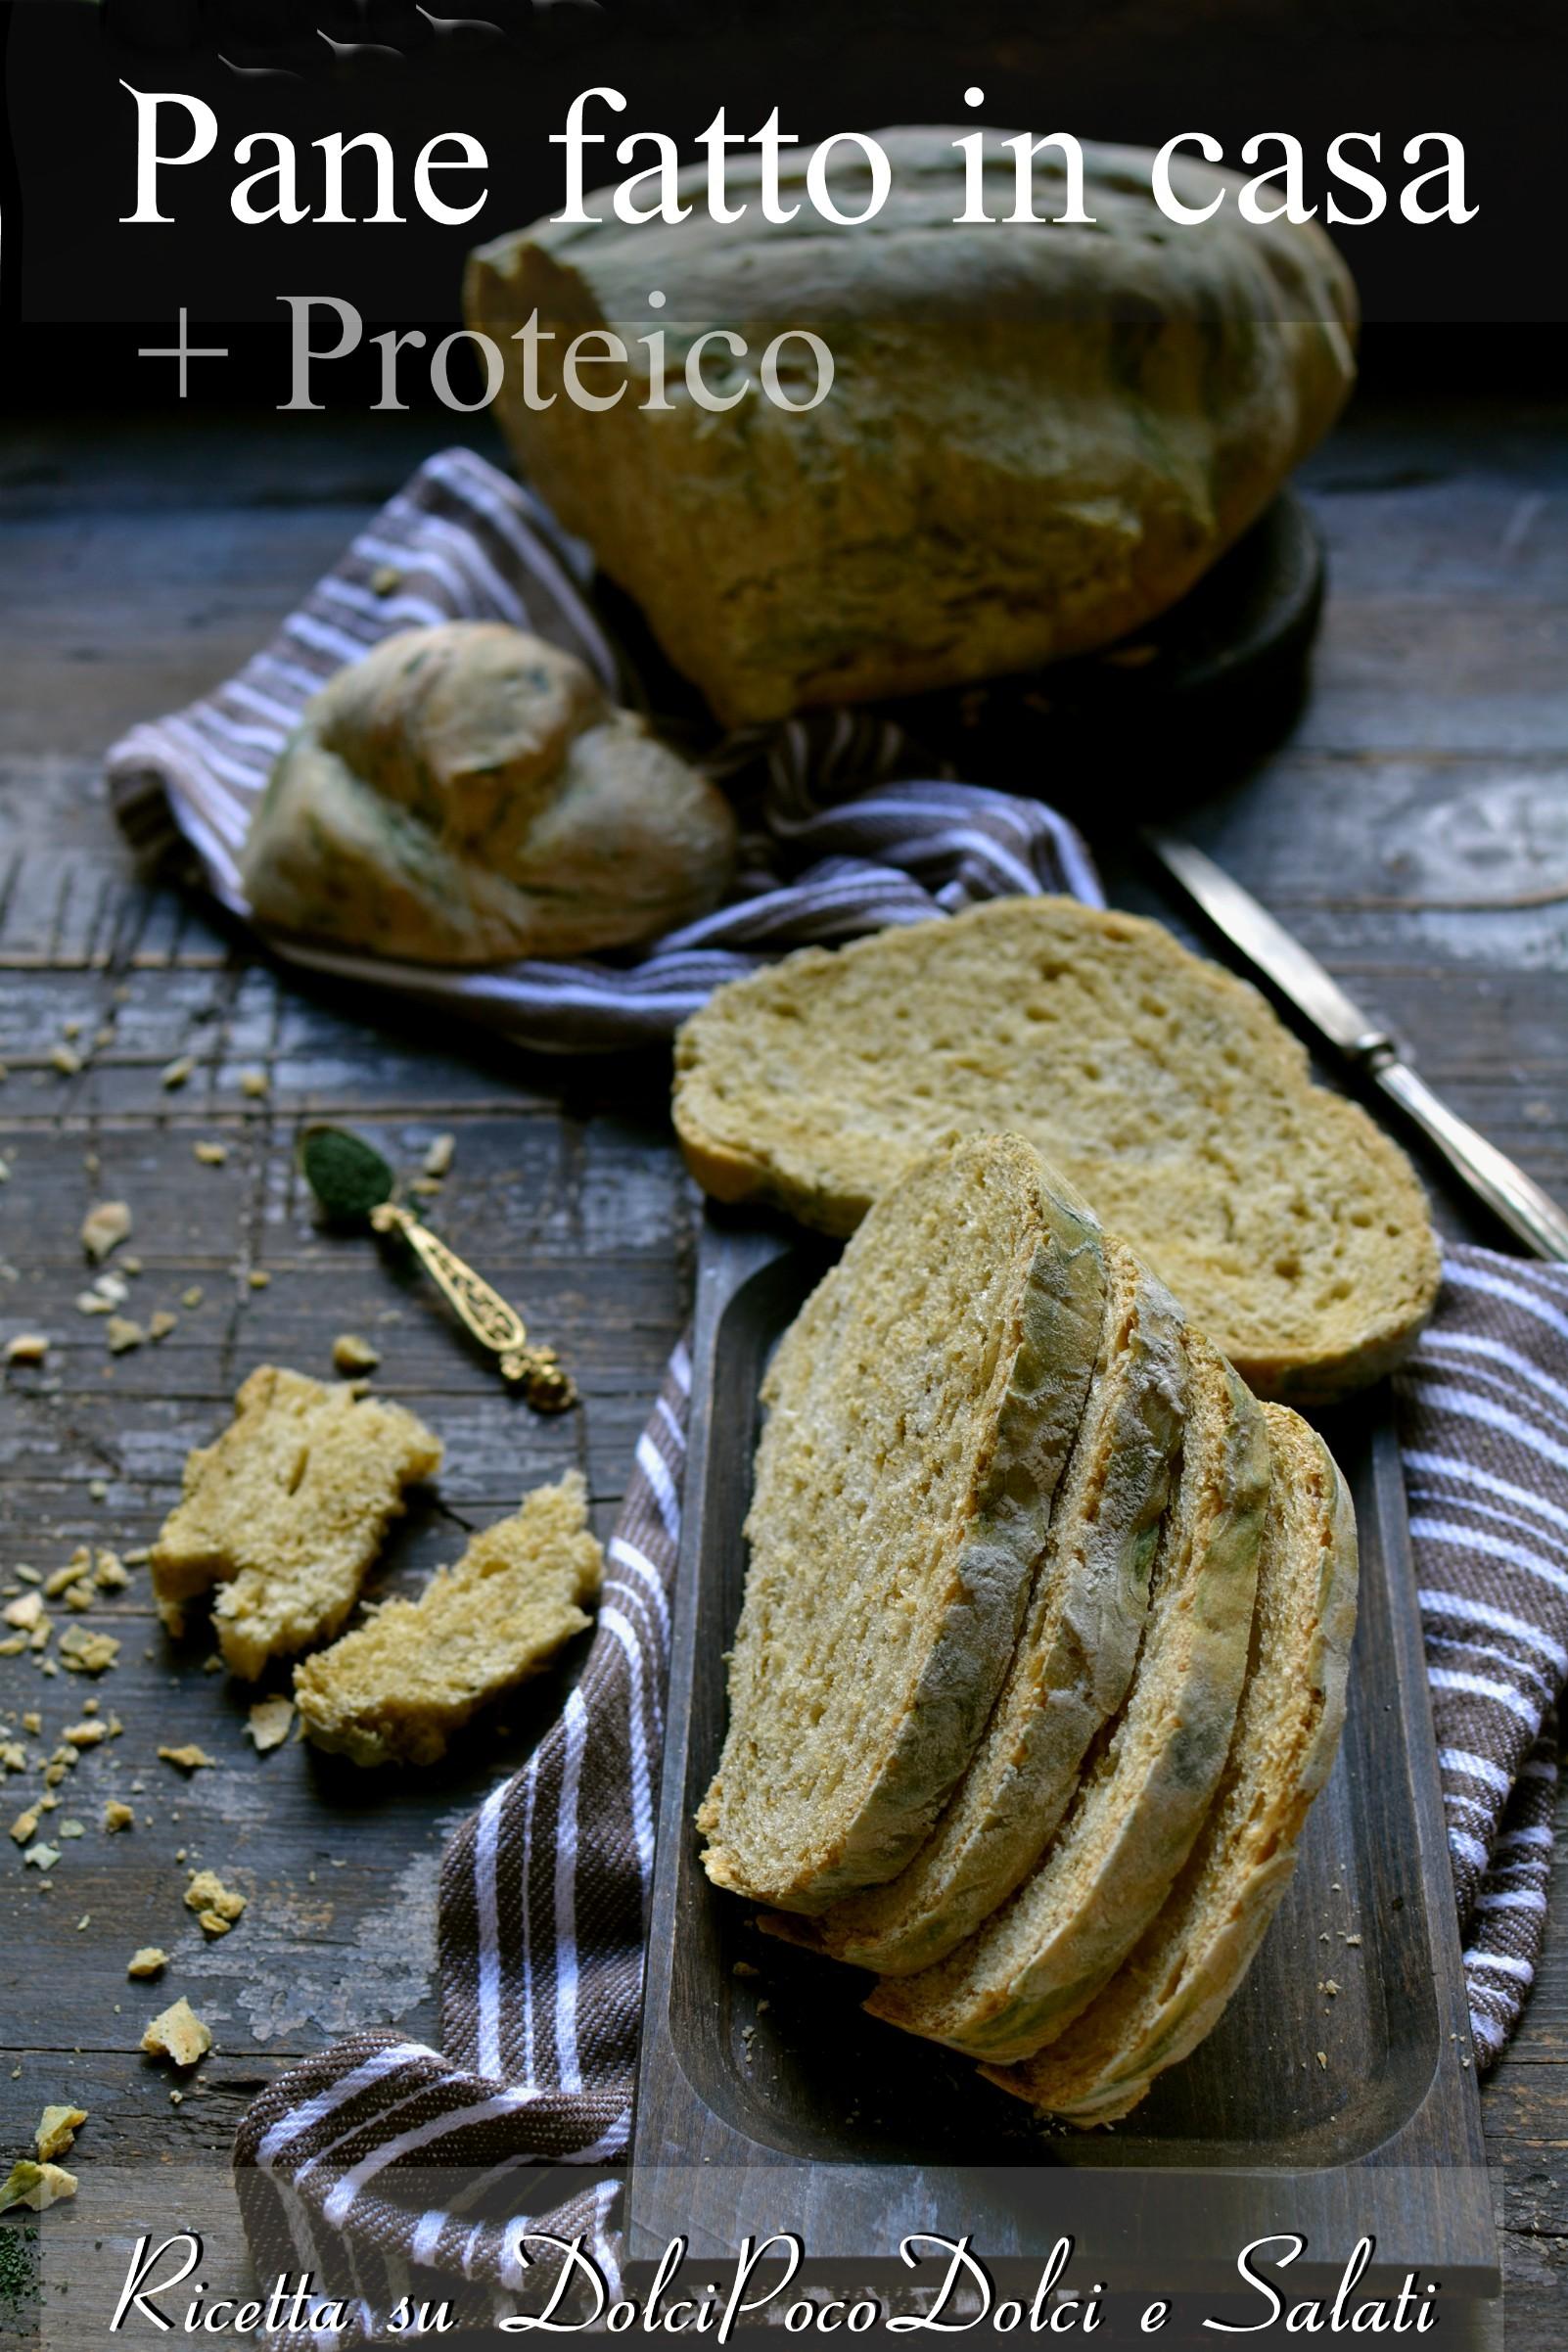 Pane fatto in casa proteico con farina 1